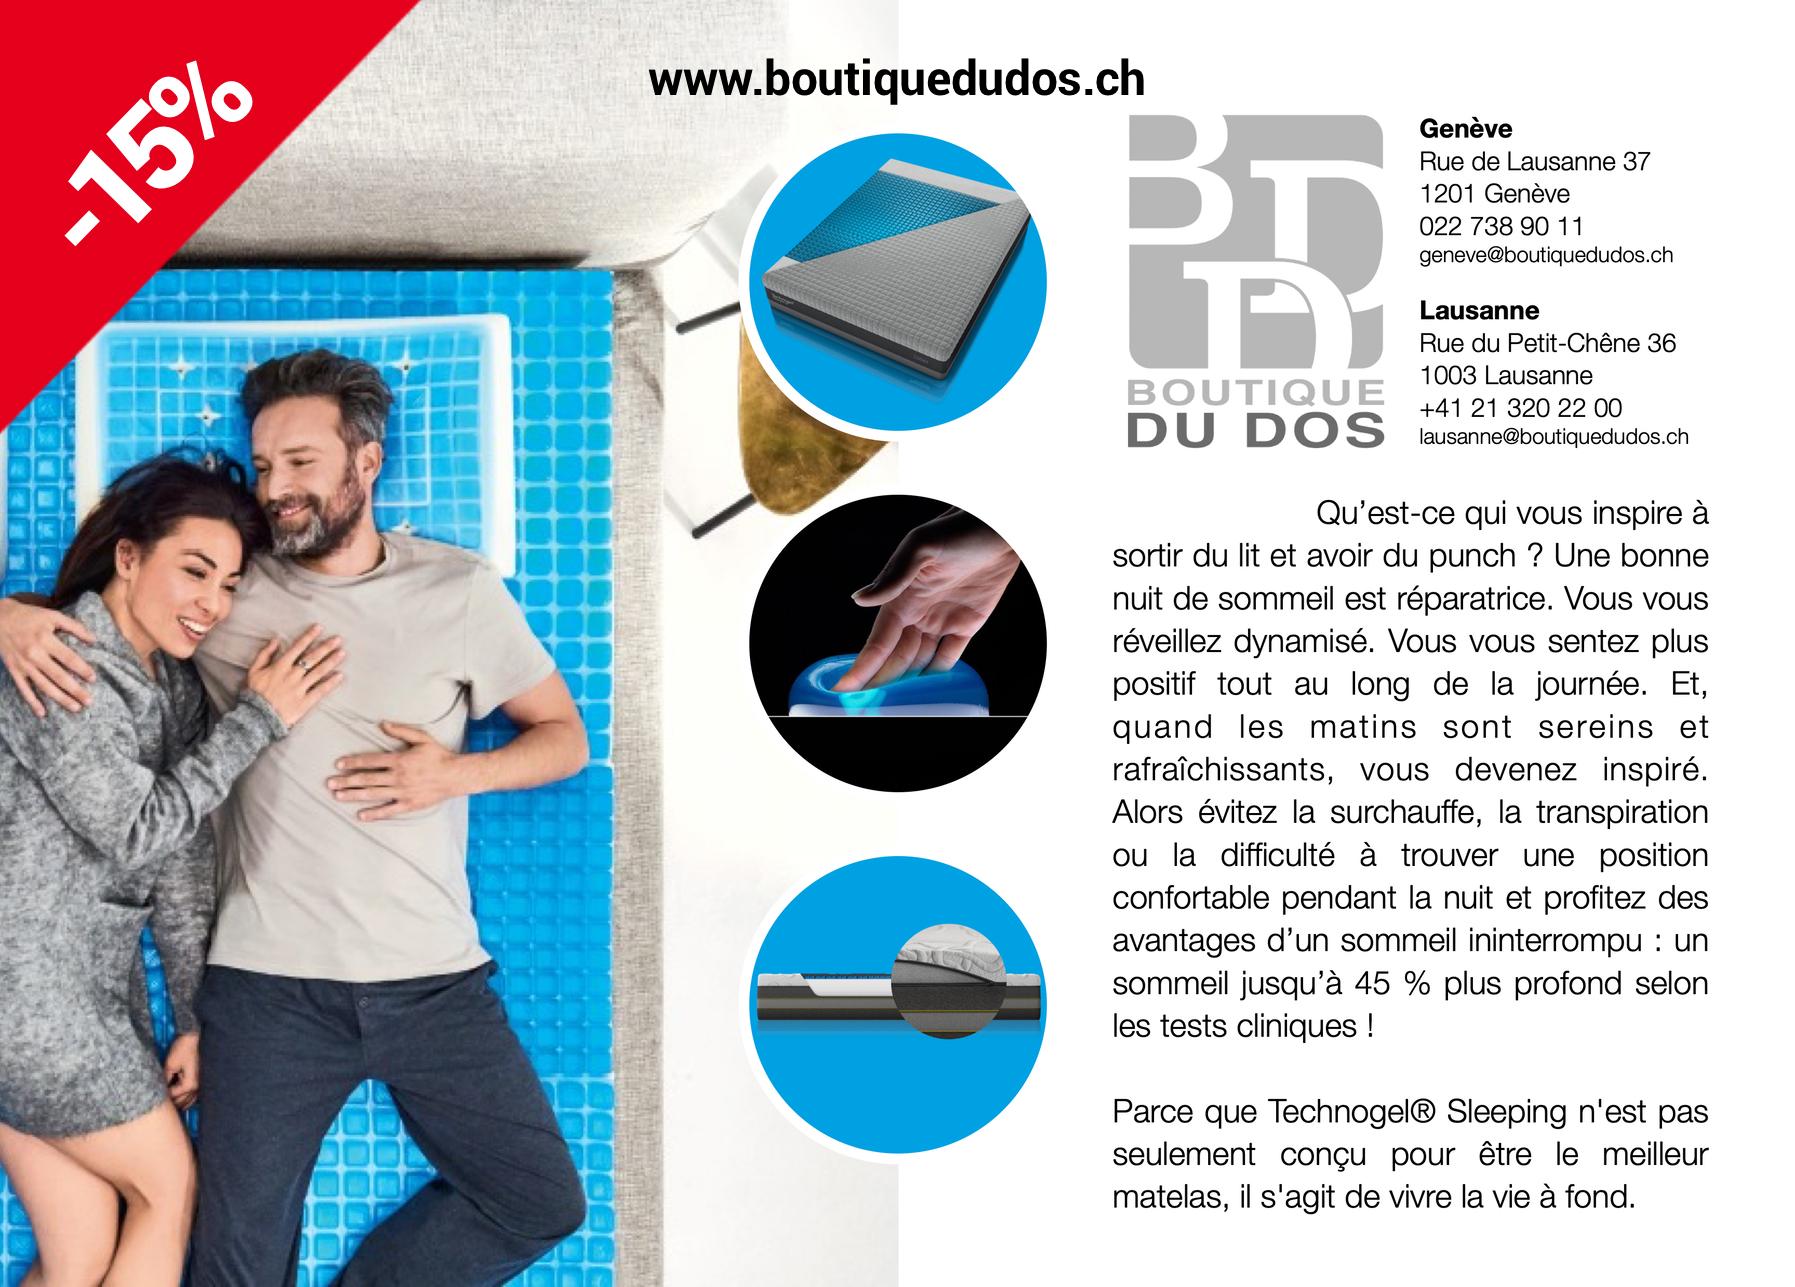 boutiquedudos.ch